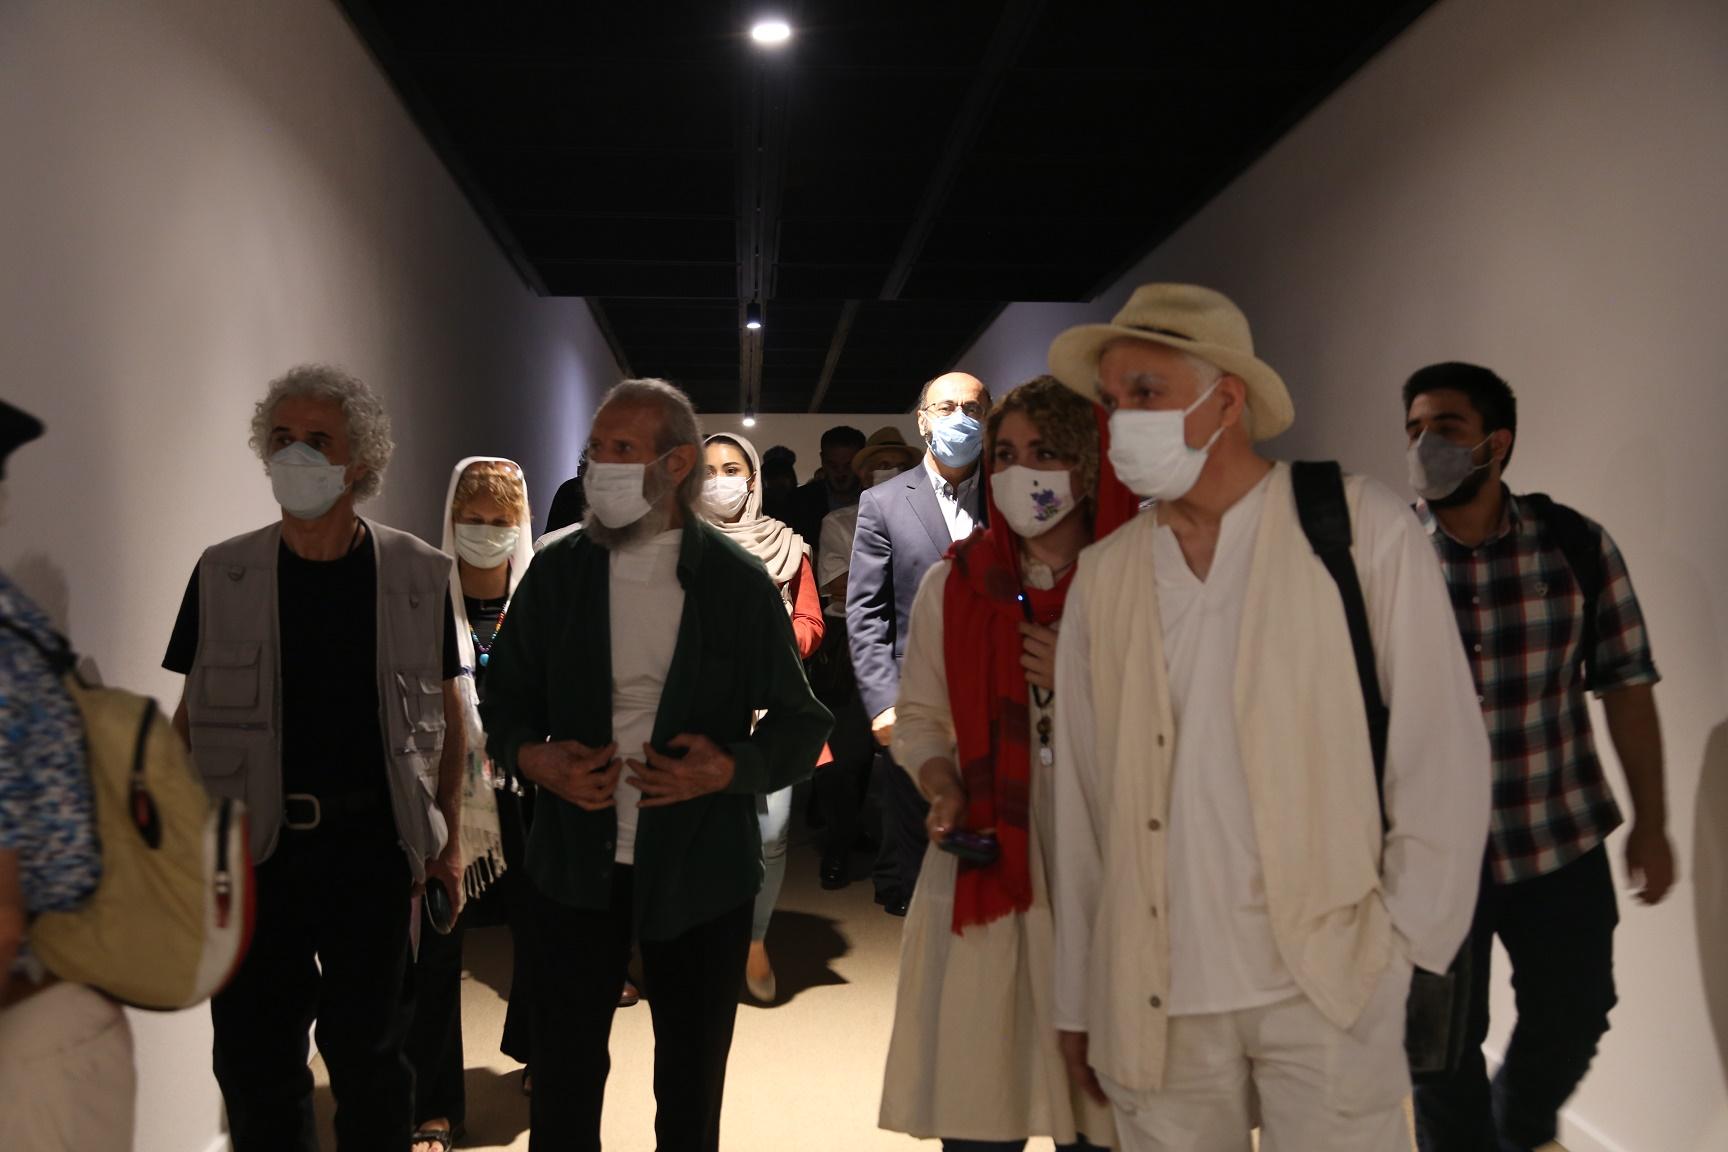 هفت مجموعه از اندی وارهول در موزه هنرهای معاصر تهران